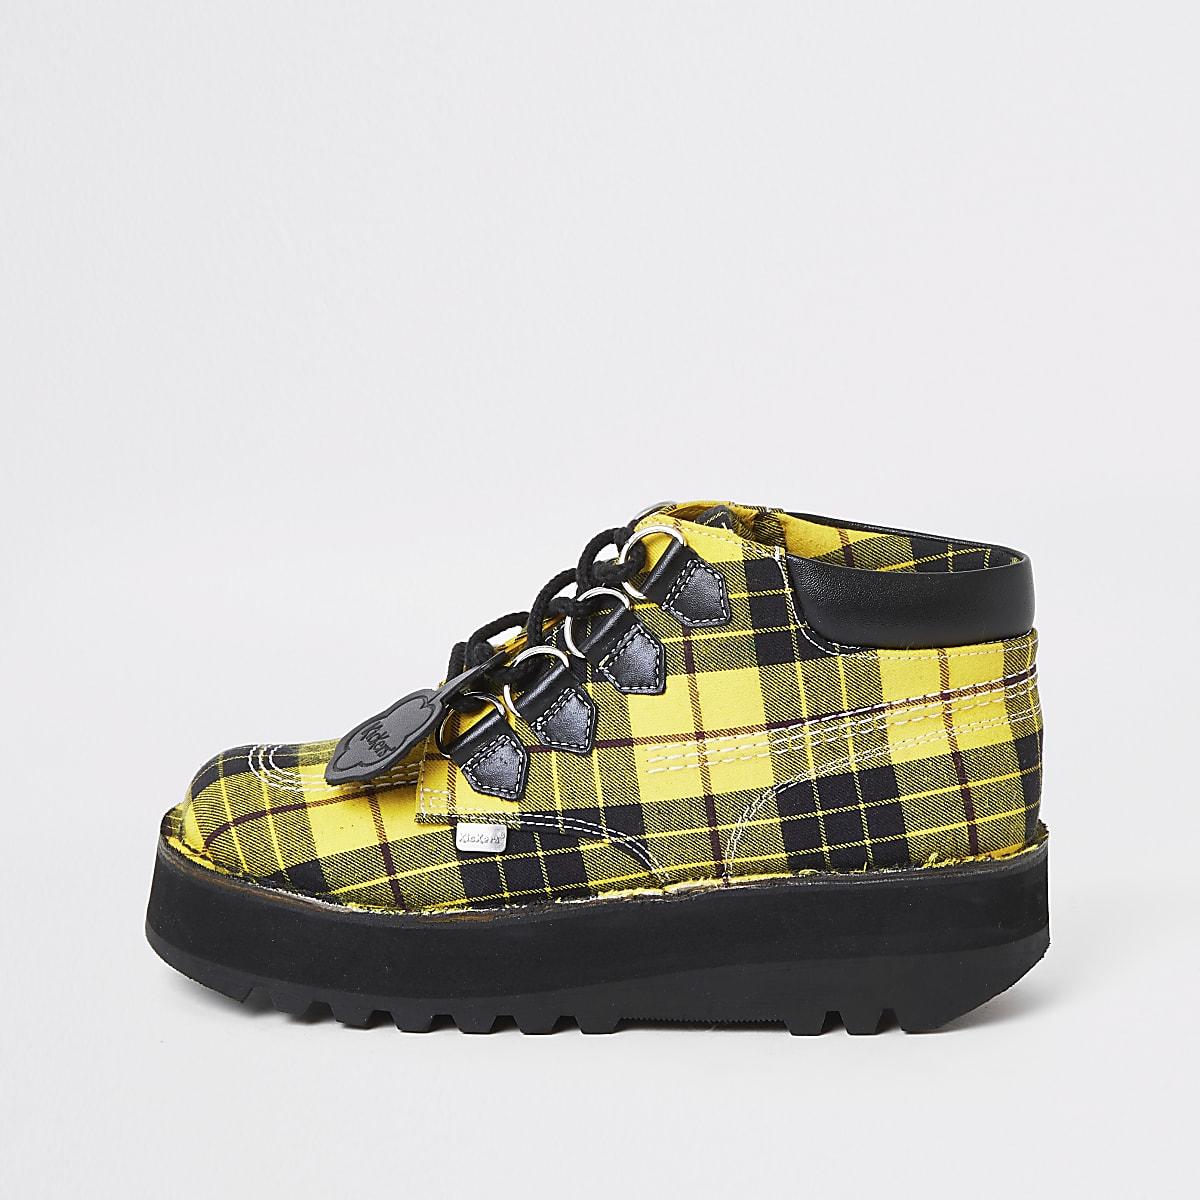 Kickers yellow check Hi creeper boots